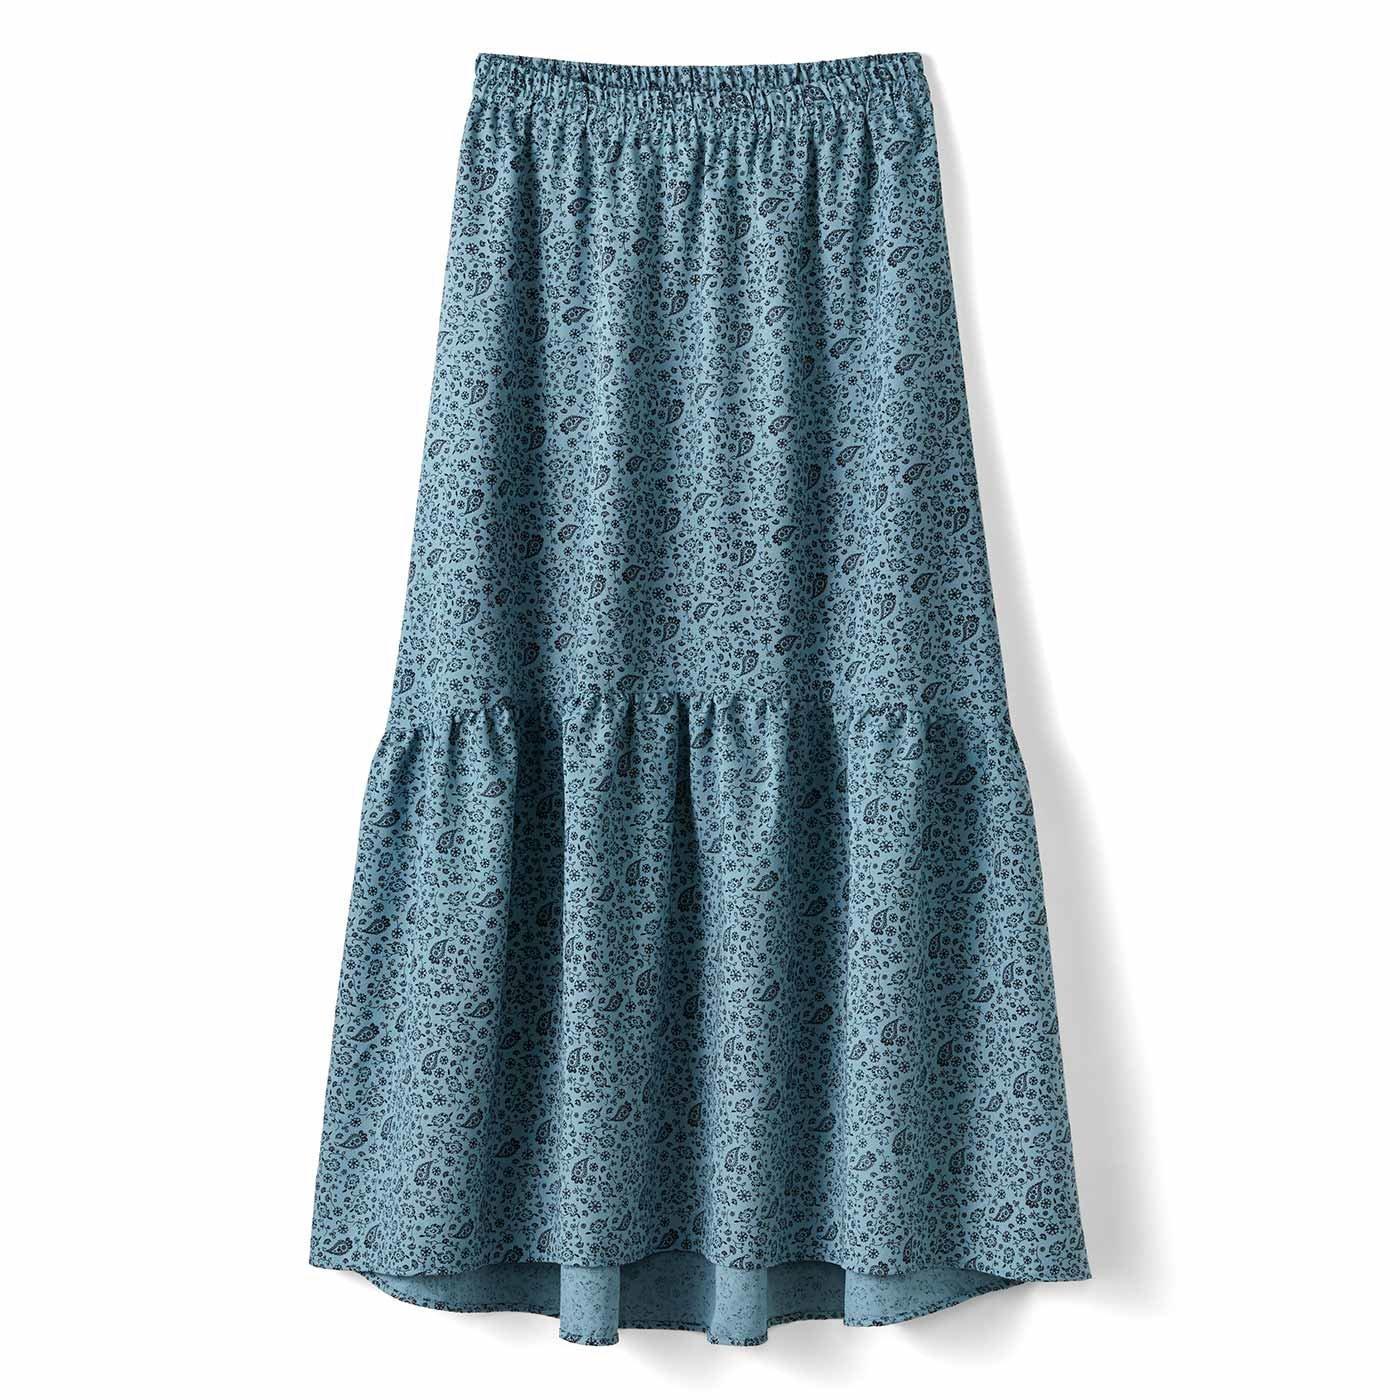 【3~10日でお届け】IEDIT[イディット] 福田麻琴さんコラボ 着まわし力抜群の2-WAYスカート〈グレイッシュブルー〉